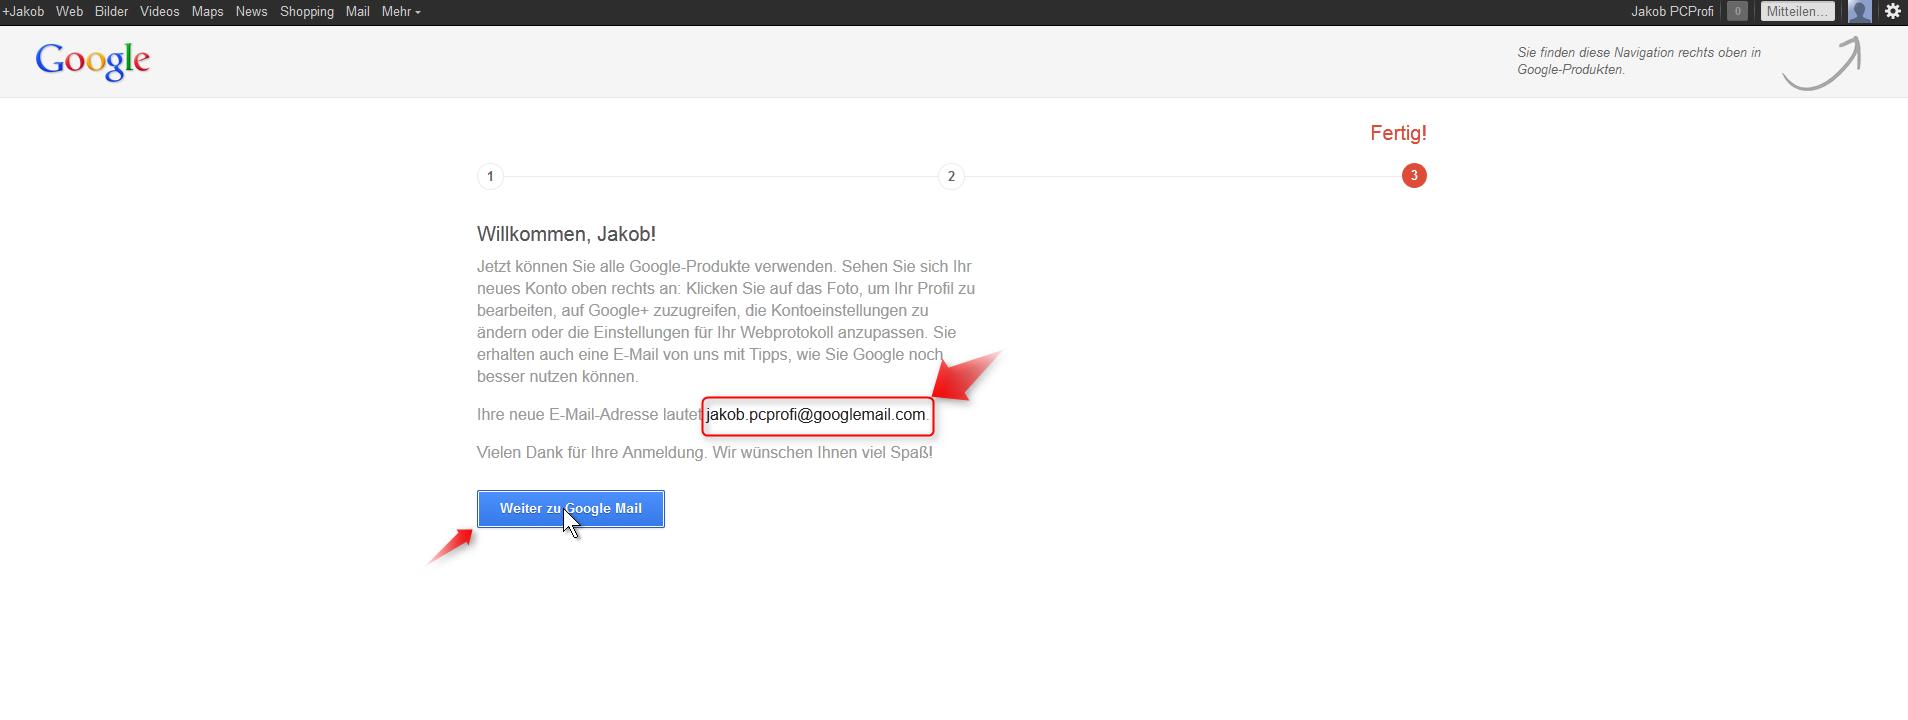 06-Ein-kostenloses-E-Mail-Konto-bei-Google-eroeffnen-mit-Video-apple-470.png?nocache=1325851042987